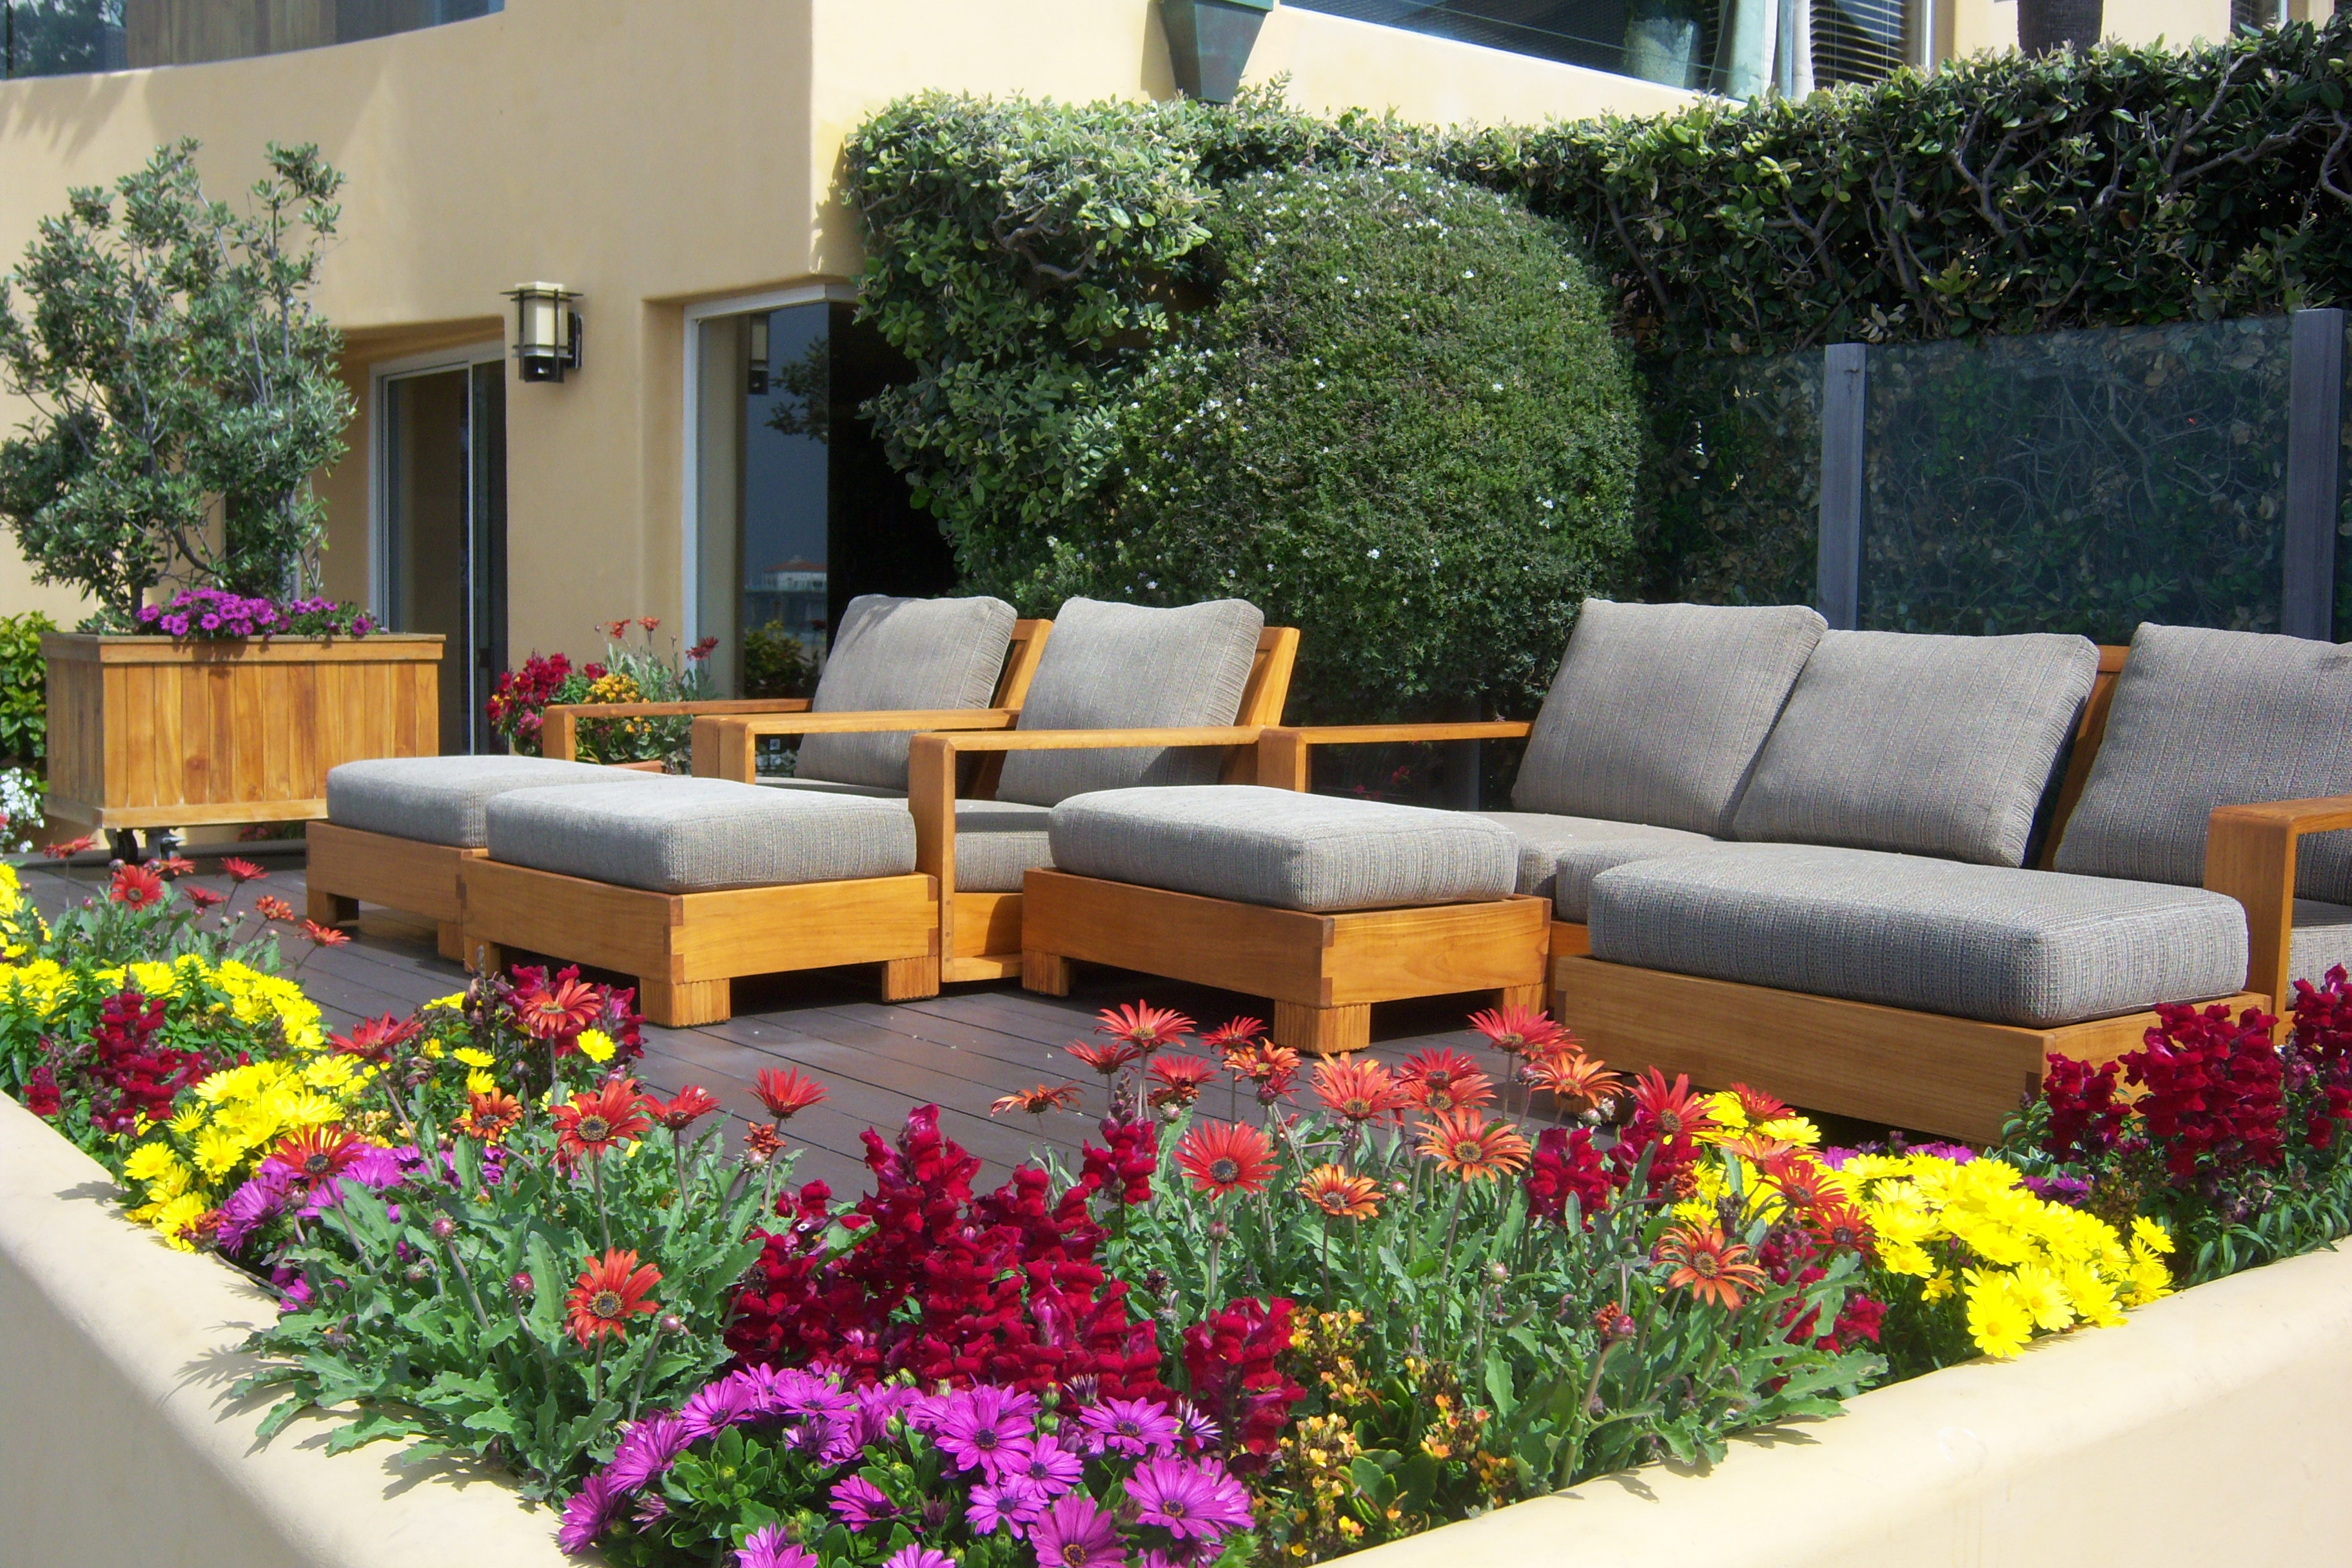 Ideas verdes para disfrutar arquitectura propiedades - Plantas para terraza con mucho sol ...